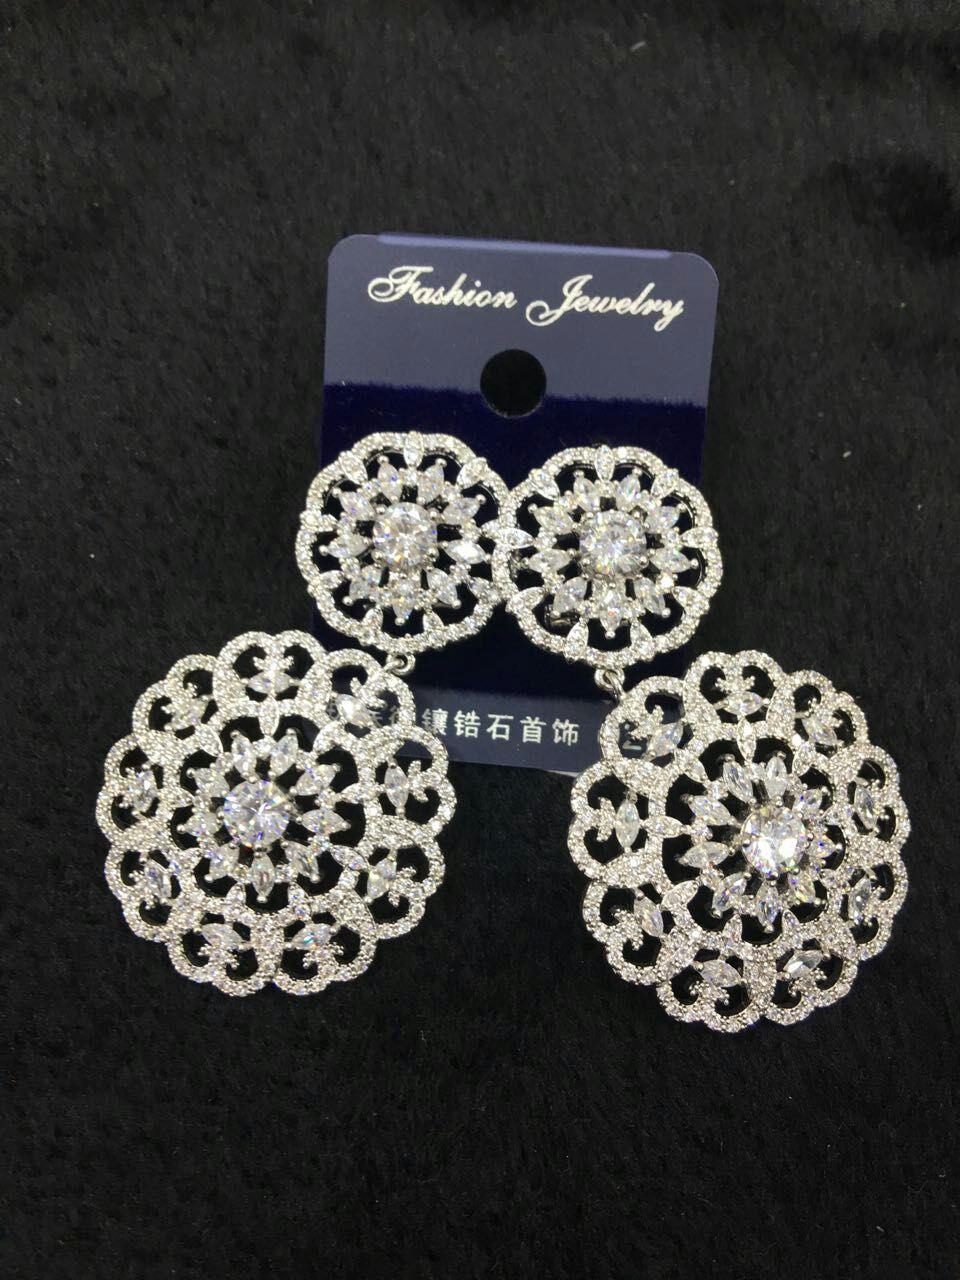 Yulaili nouveau Design exquis bijoux en or définit le collier des femmes africaines de luxe élégant ensemble de bijoux de mariage.